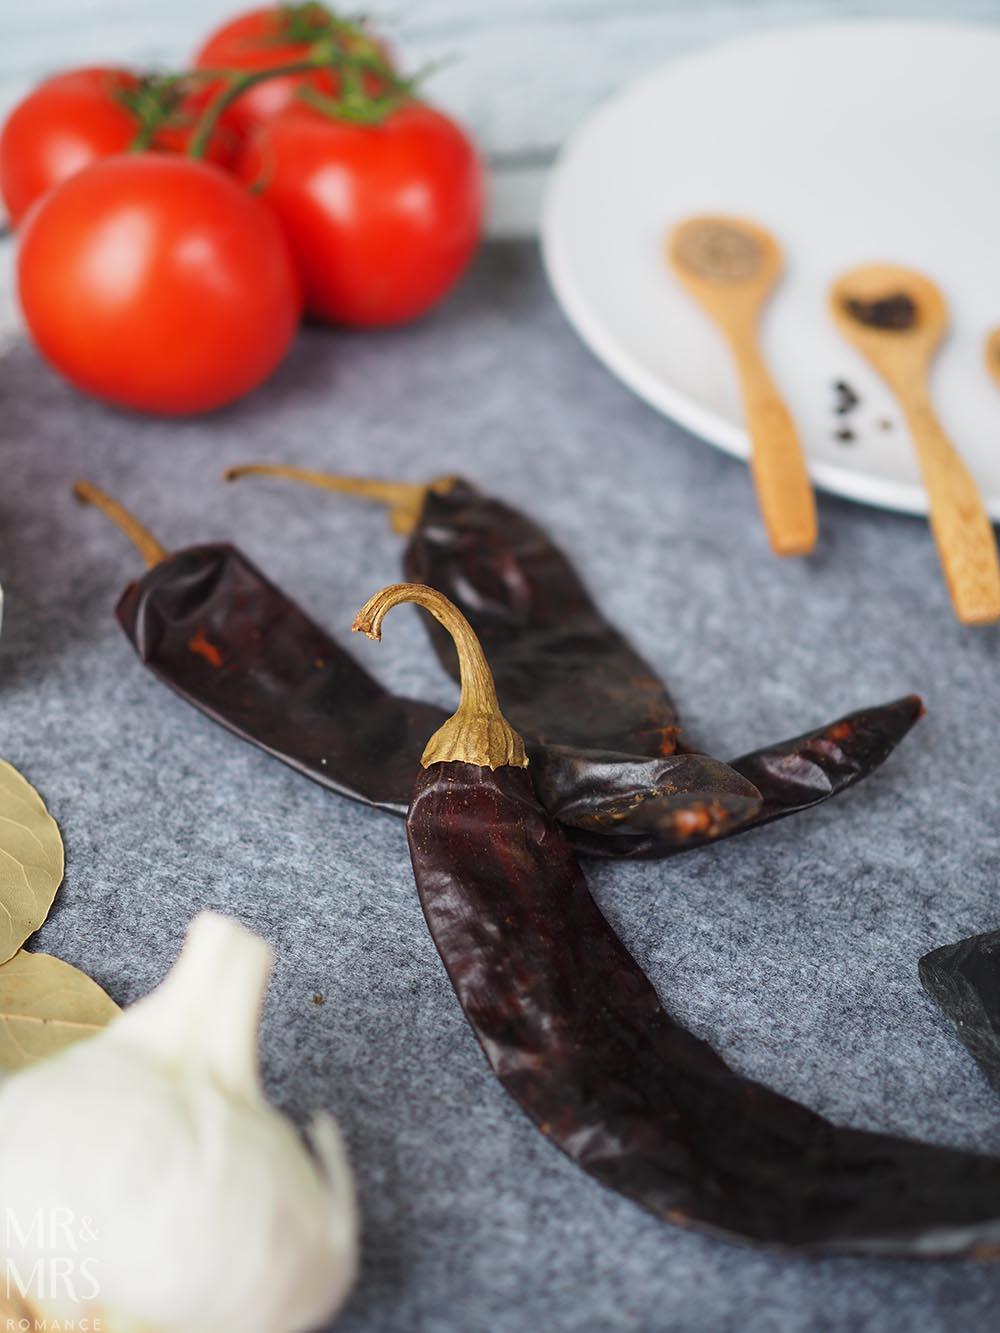 Carne con chilli recipe - Rick Stein Mexican food - guajillo chillies